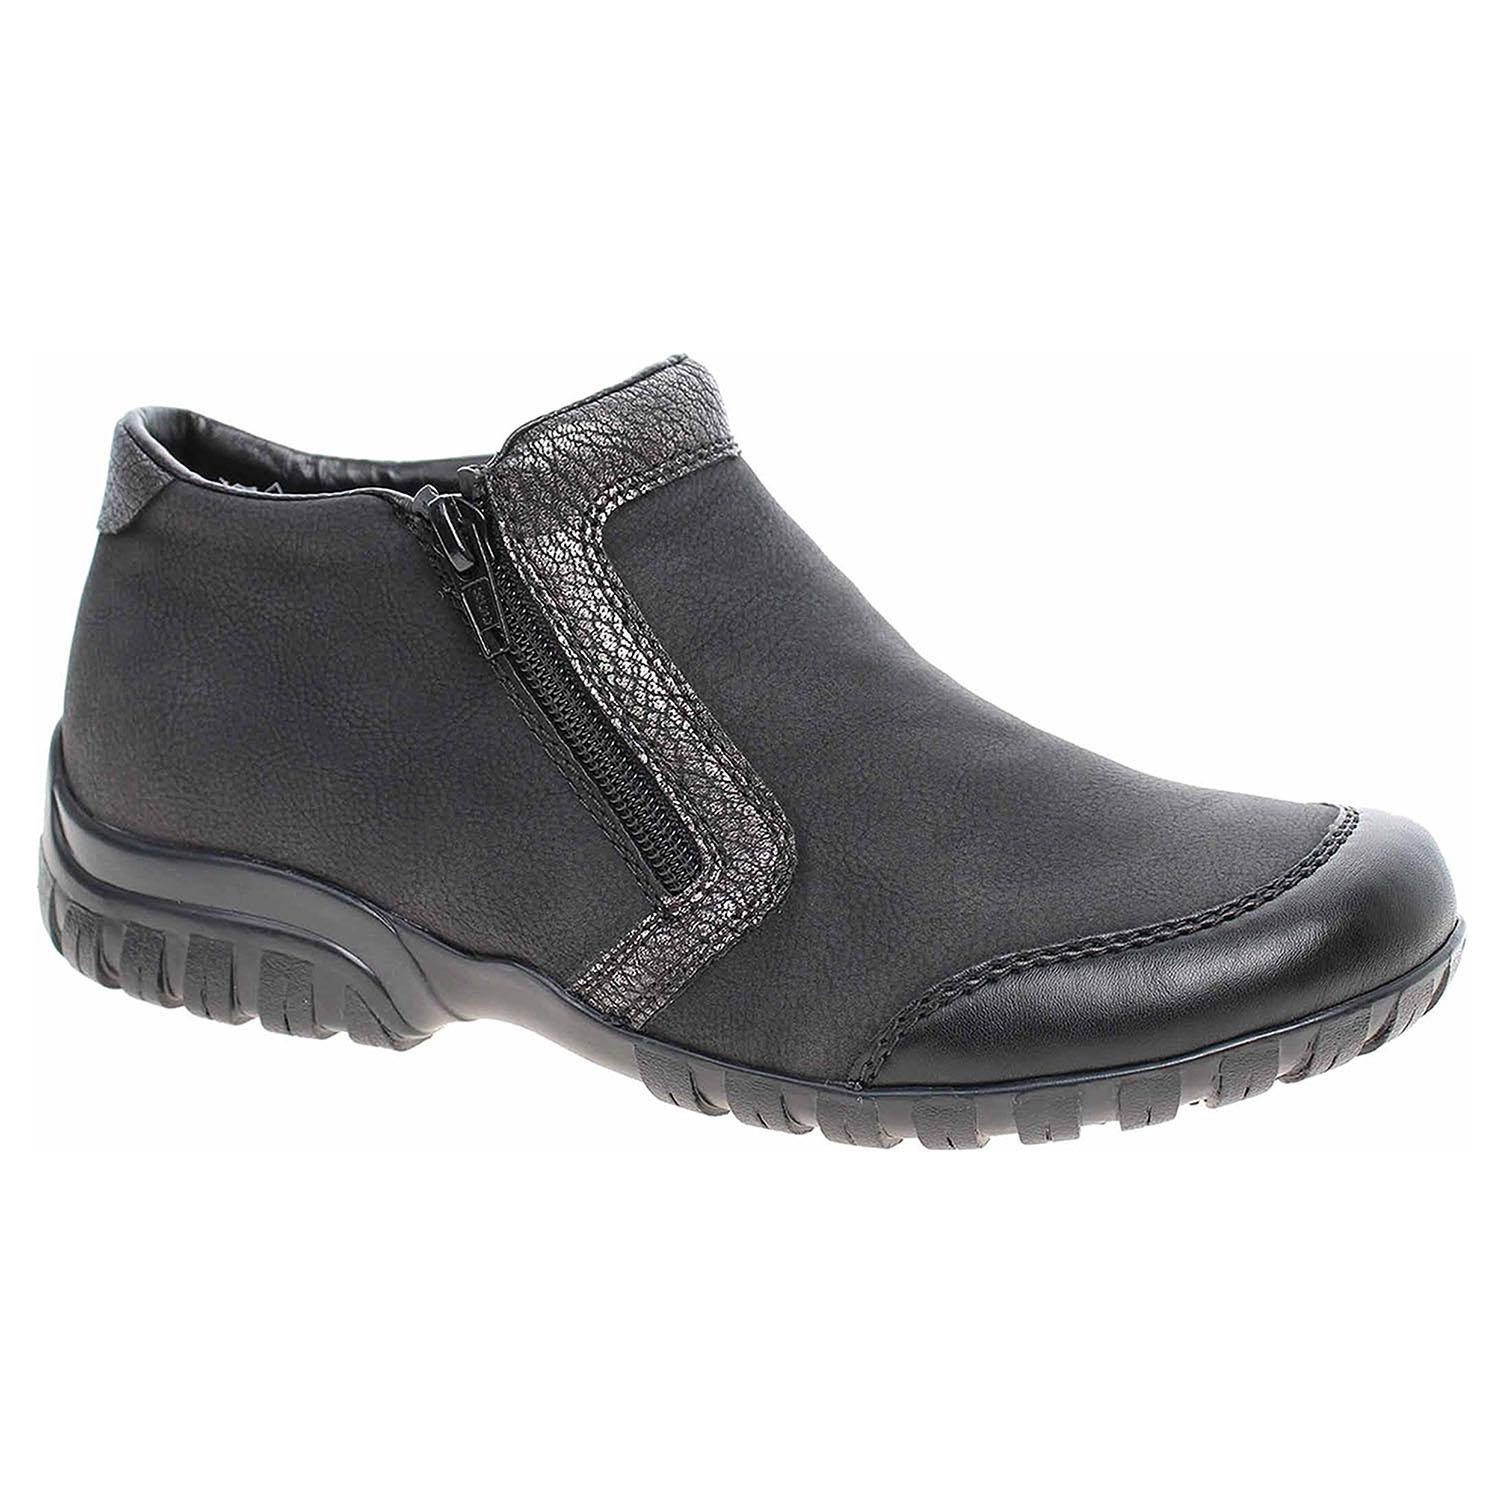 Dámská kotníková obuv Rieker L4659-00 schwarz L4659-00 38